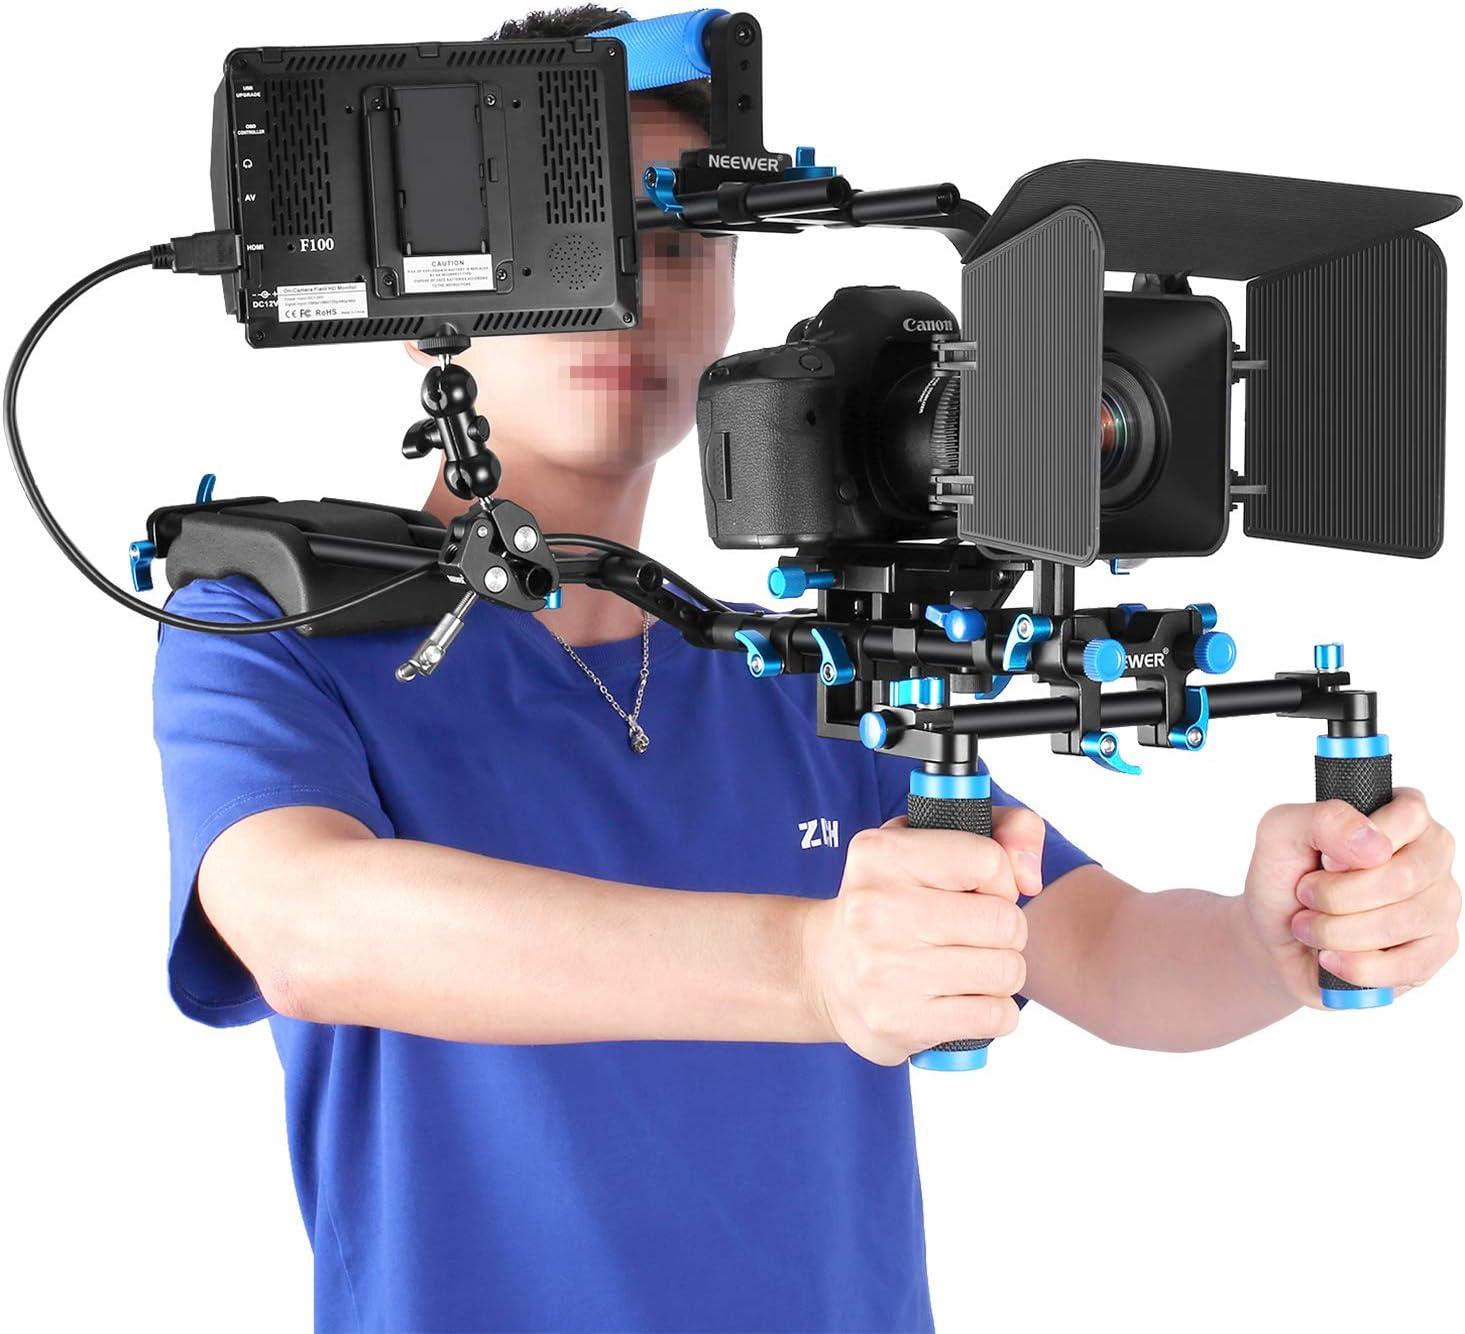 Neewer Film Video Macher System Set Mit F100 7 Zoll Kamera